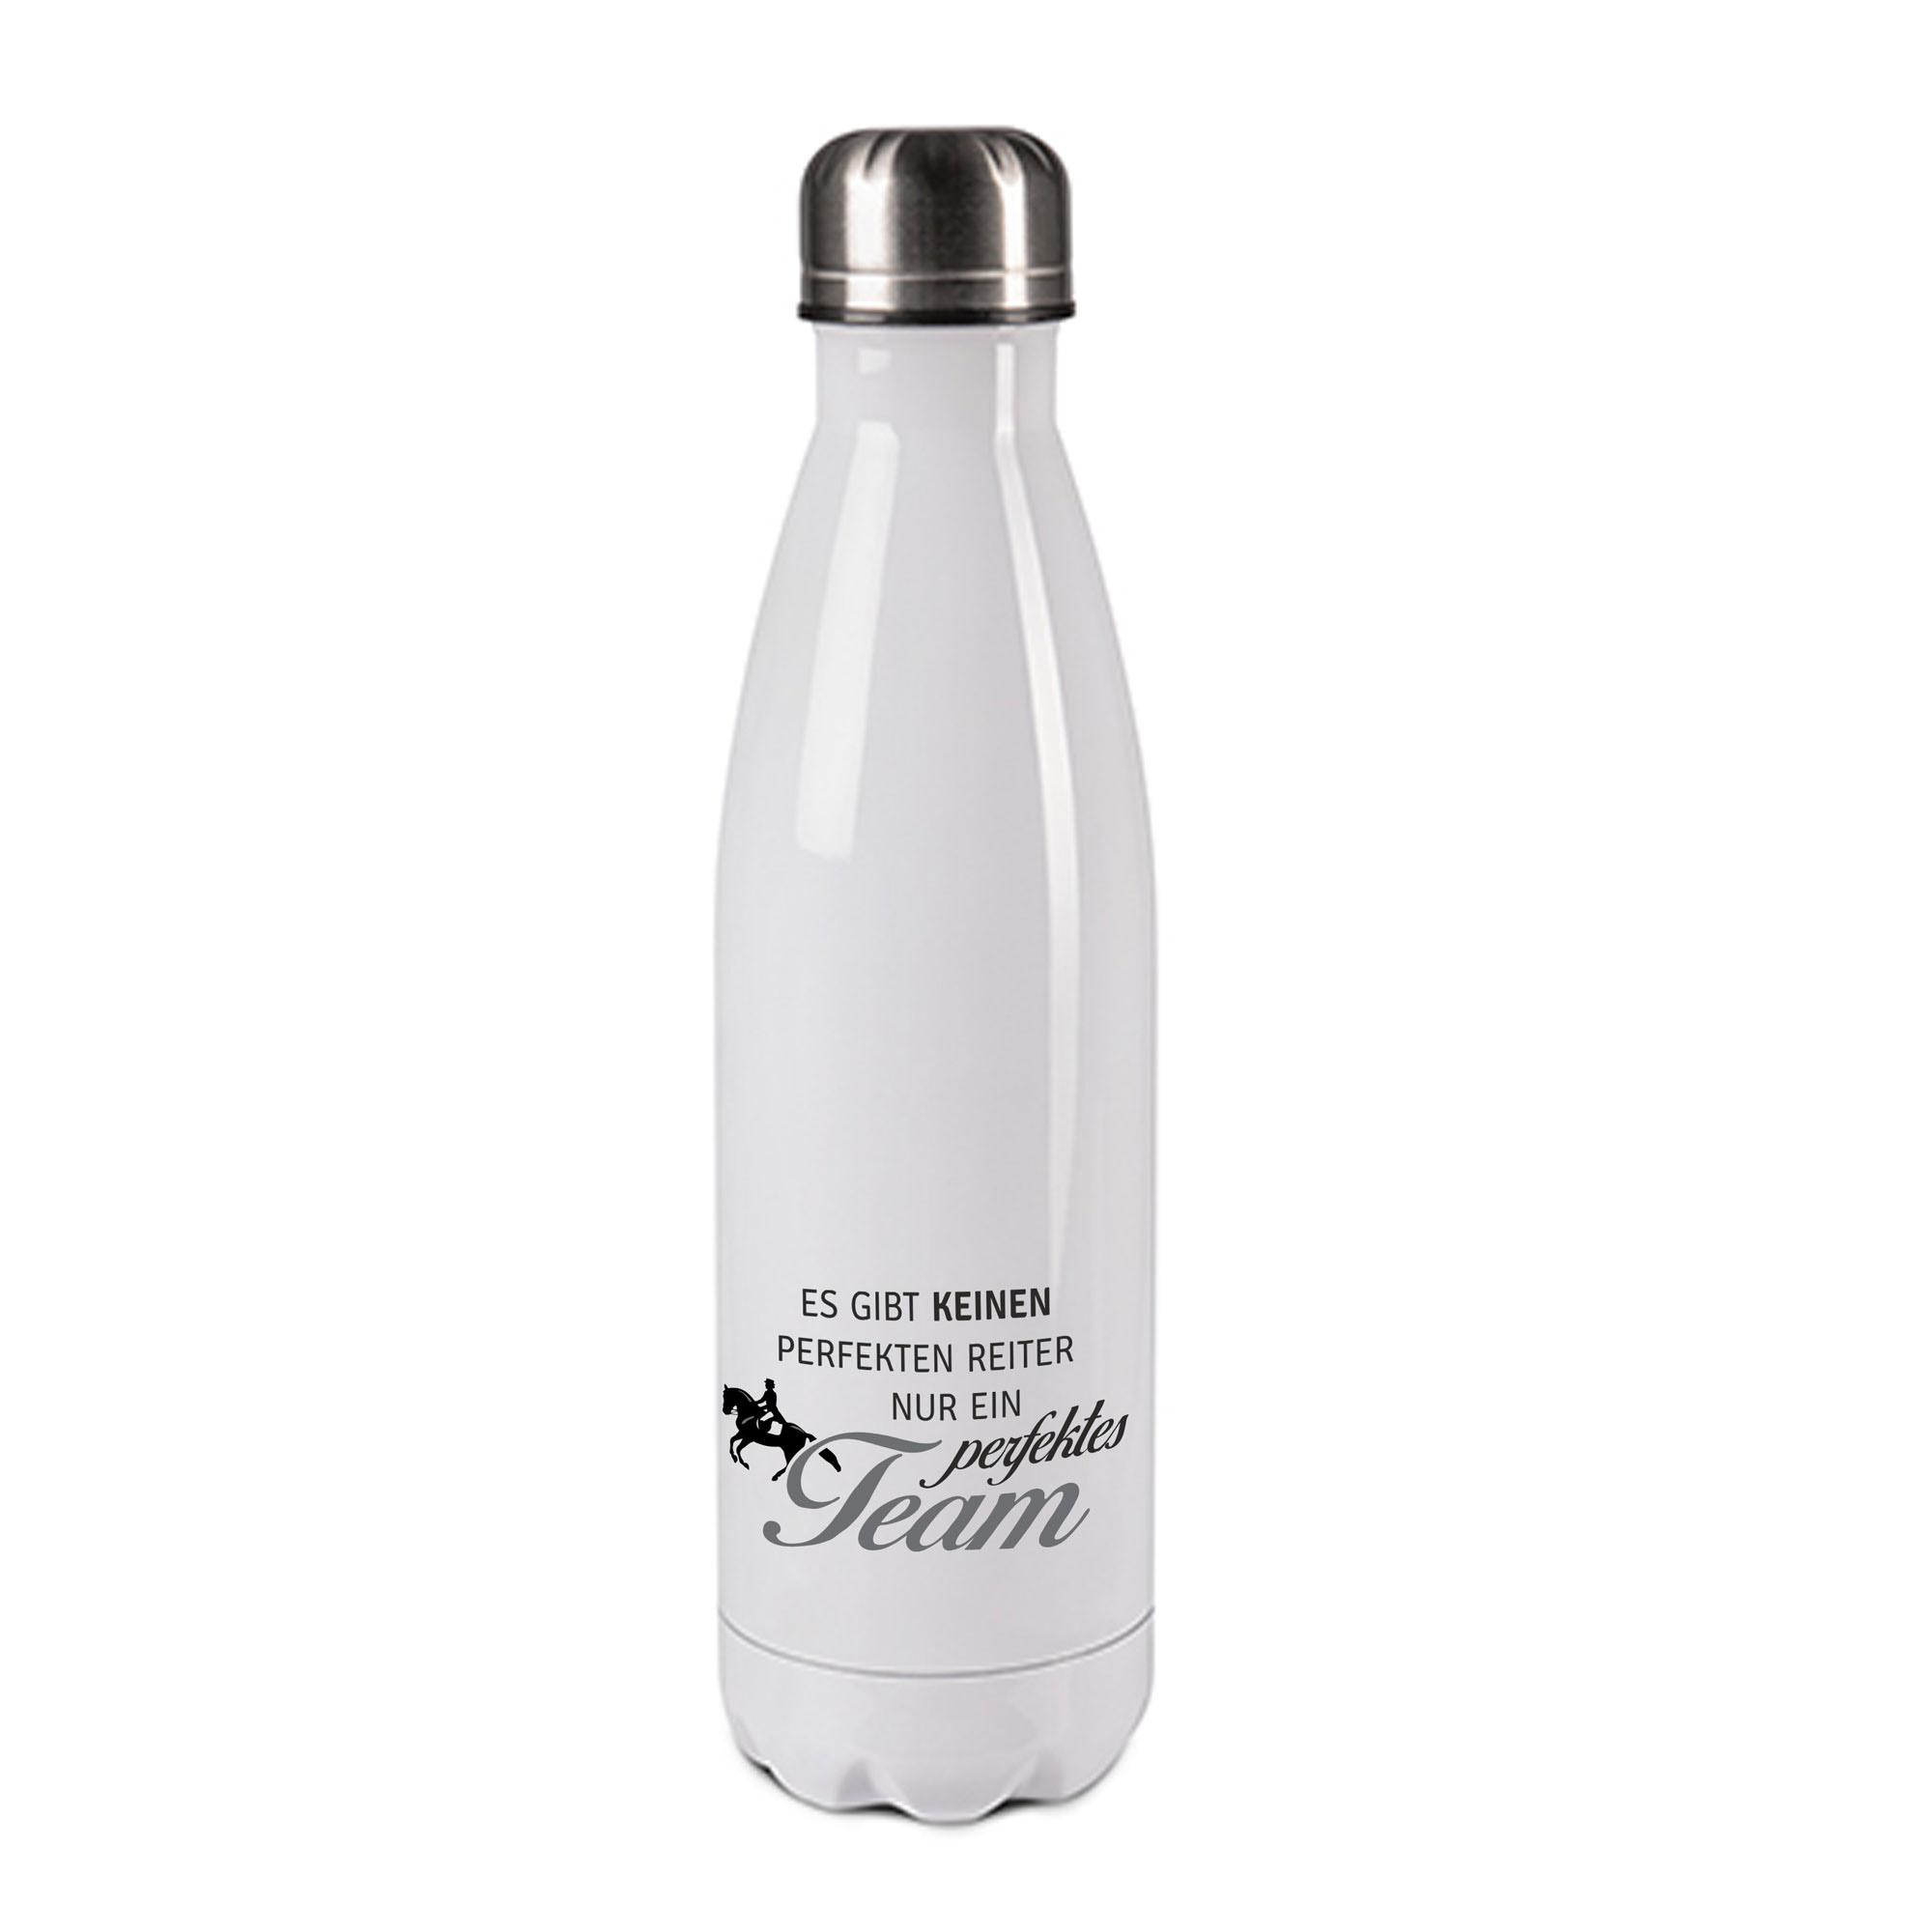 Edelstahl-Thermosflasche weiß/weiß mit Druck: ES GIBT KEINEN PERFEKTEN REITER; NUR EIN PERFEKTES TEAM